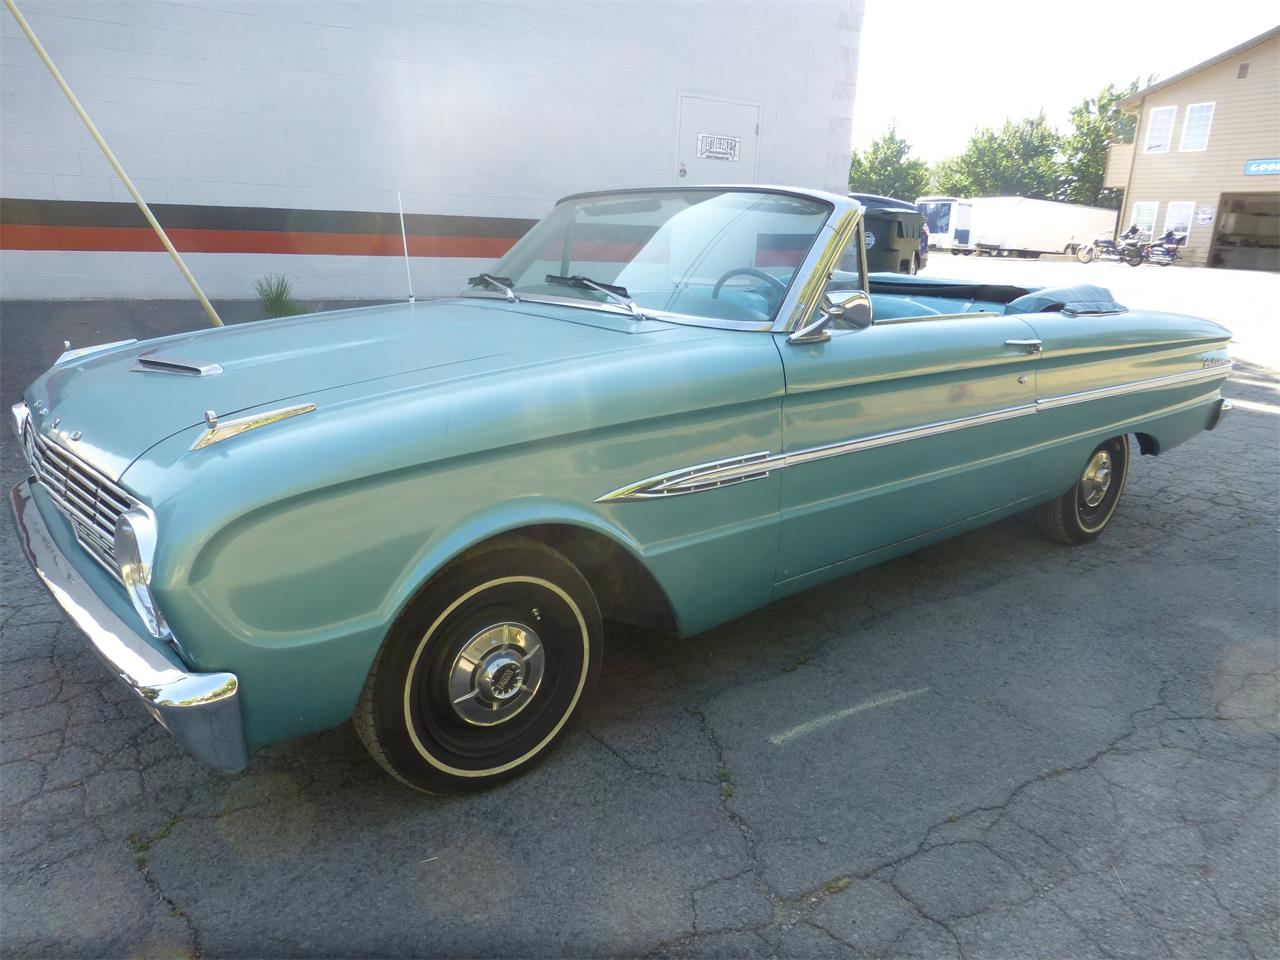 For Sale: 1963 Ford Falcon Futura in Bend, Oregon